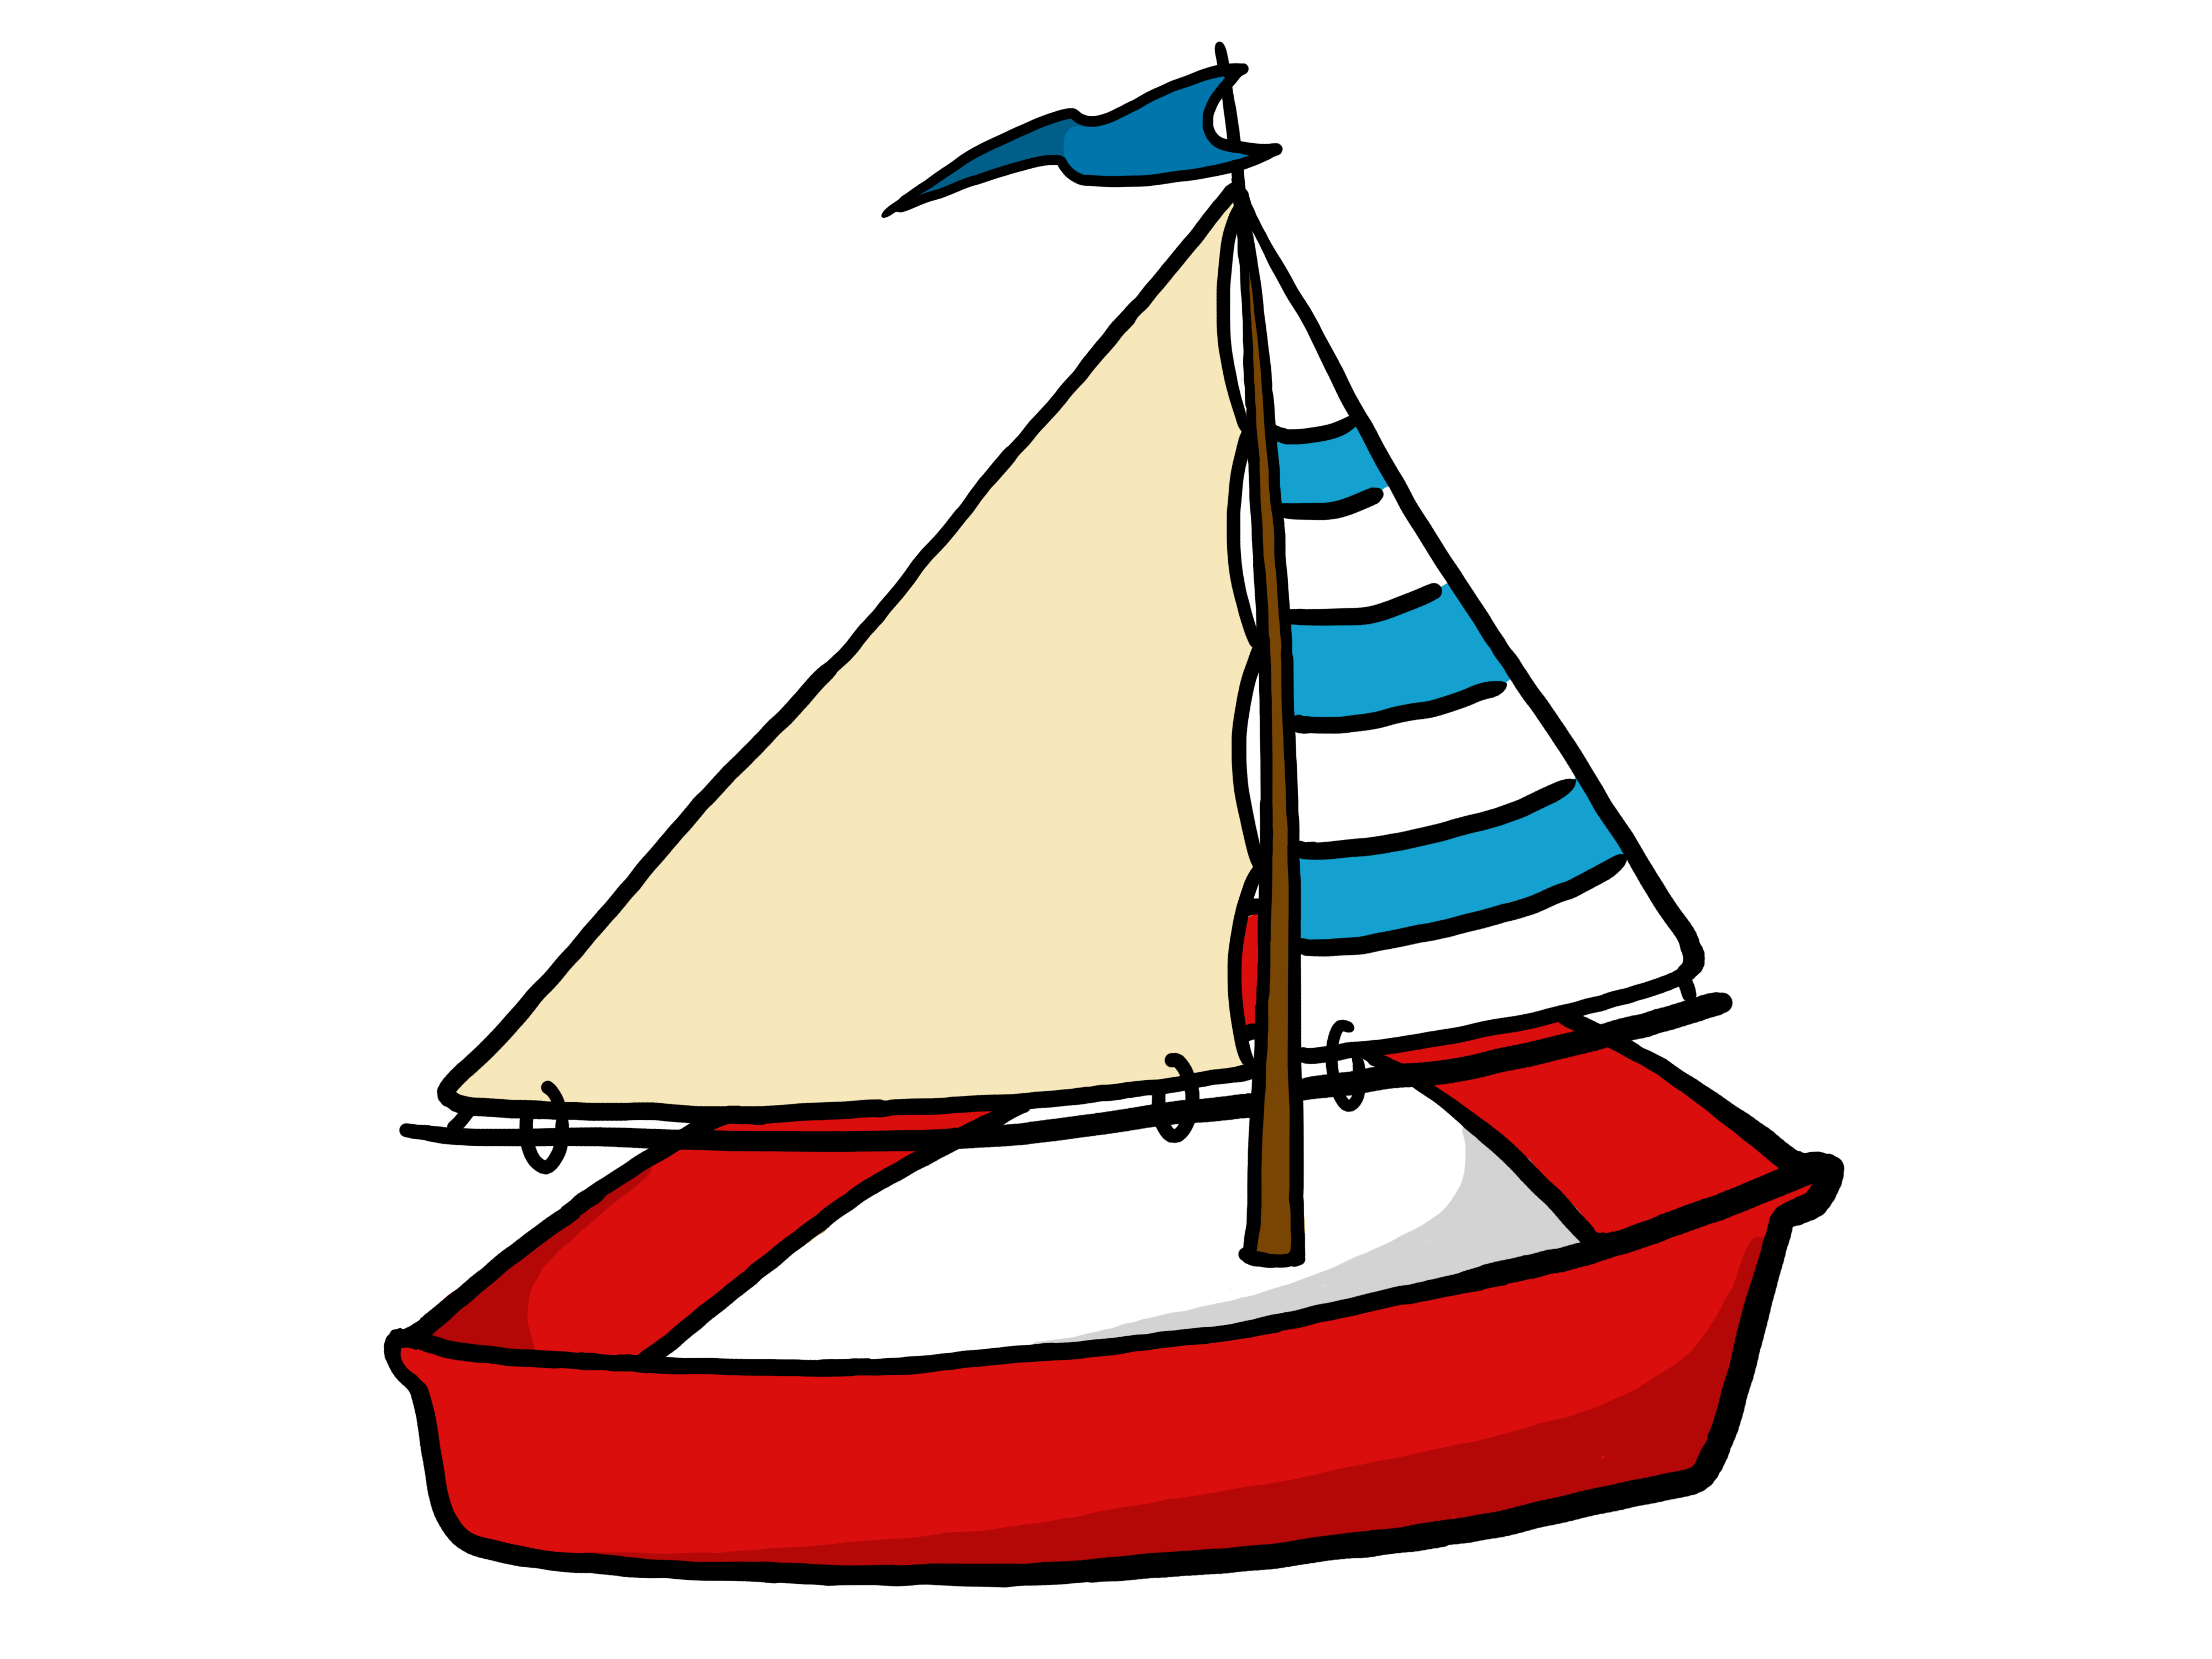 Boat Clipart-Clipartlook.com-4000-Boat Clipart-Clipartlook.com-4000-1